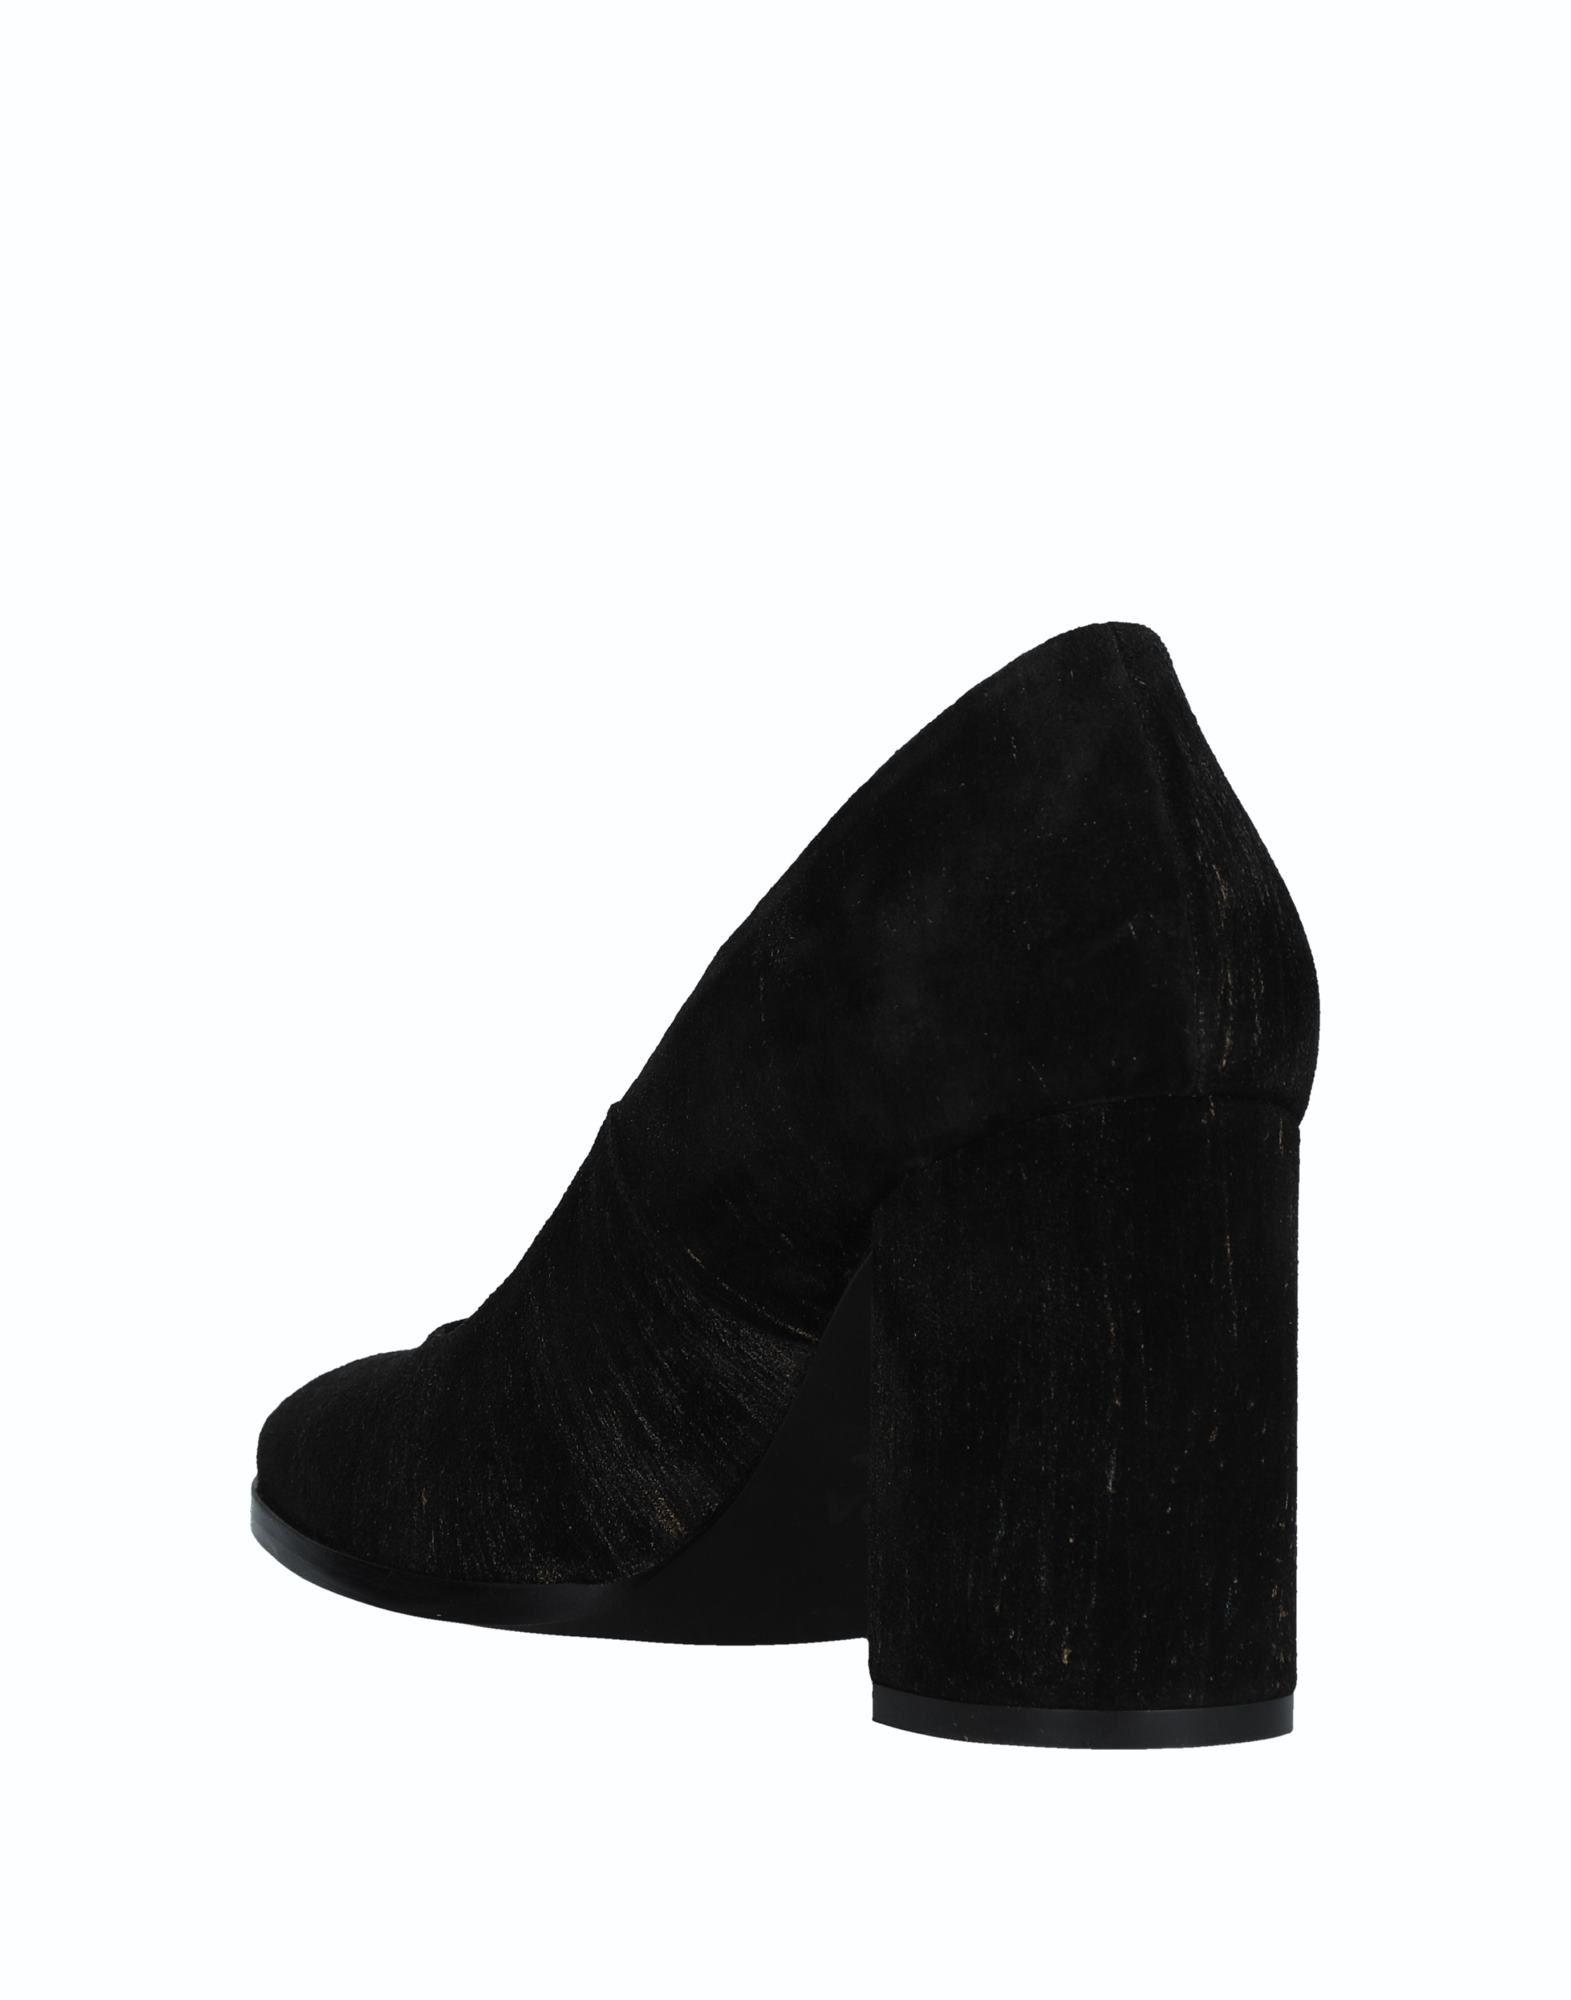 Zinda 11518255JF Pumps Damen  11518255JF Zinda Gute Qualität beliebte Schuhe d3aea5